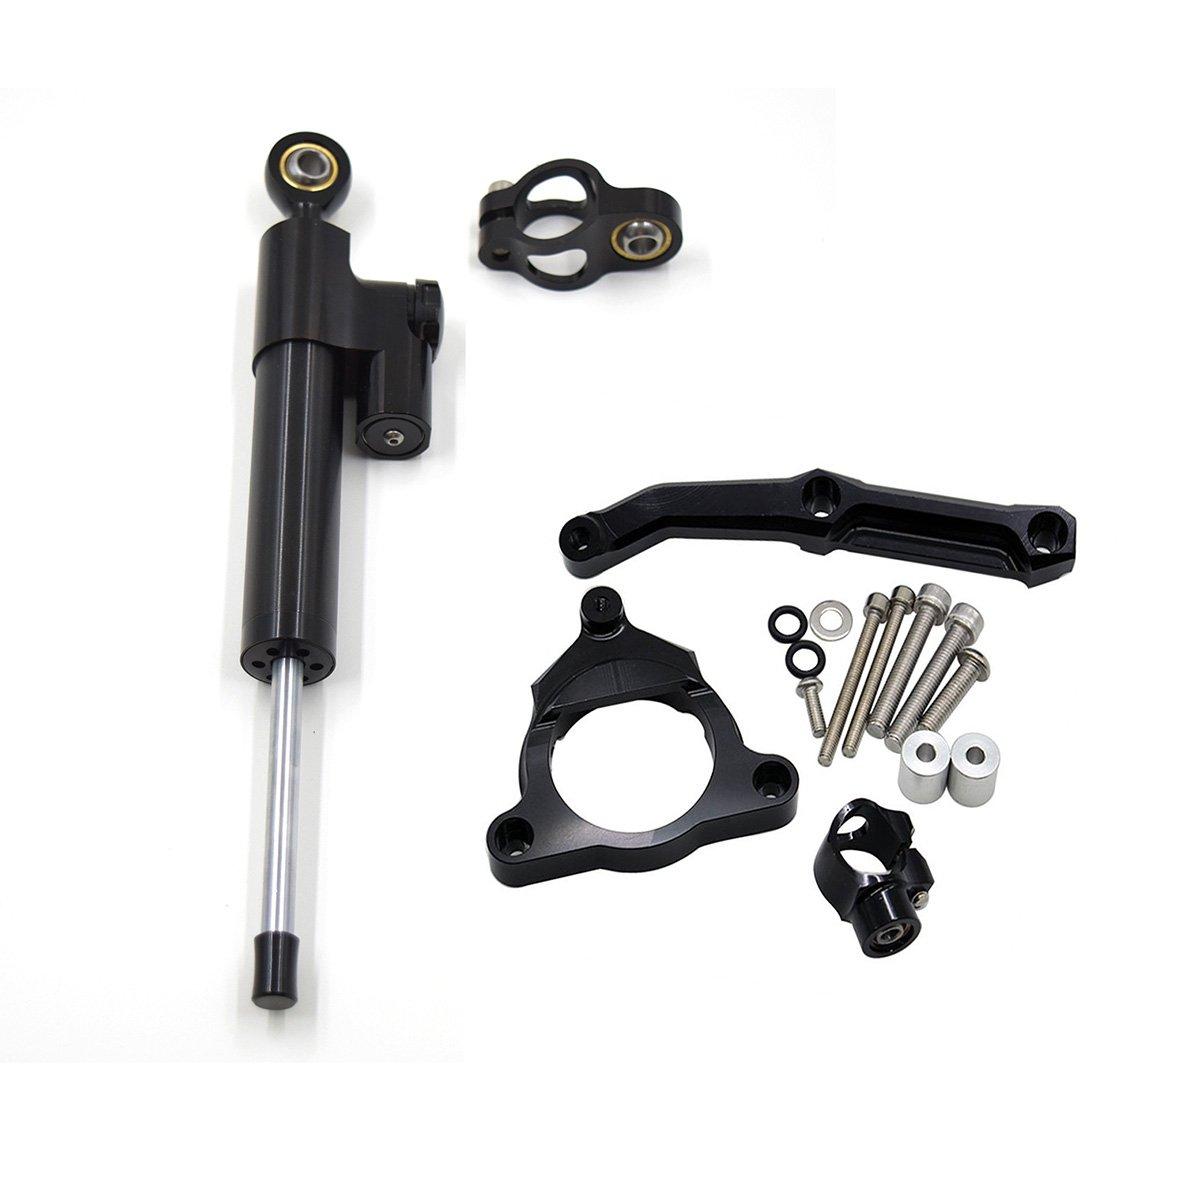 Stabilizzatori e Ammortizzatori di sterzo il kit di montaggio set per Kawasaki Z1000 2003-2009 Z750 2003-2012 Z1000 Ammortizzatori Z750 Ammortizzatori Fullibars